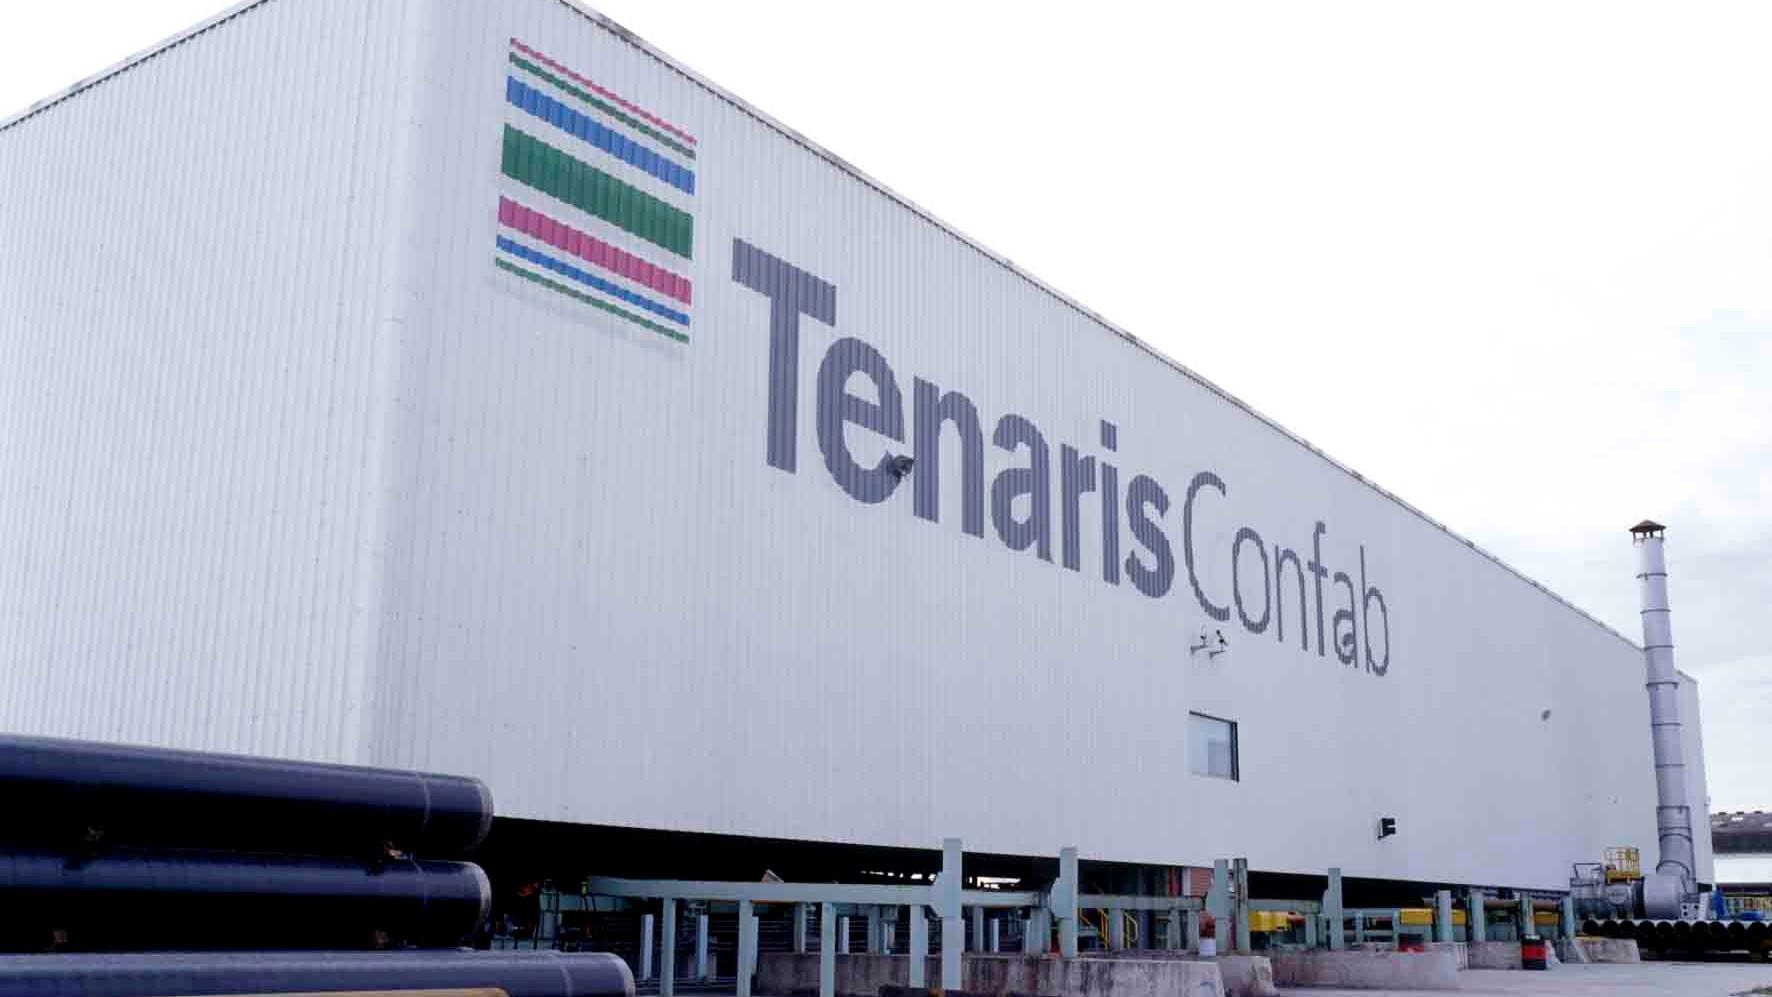 02.05 - Tenaris - Foto 1 - Capa